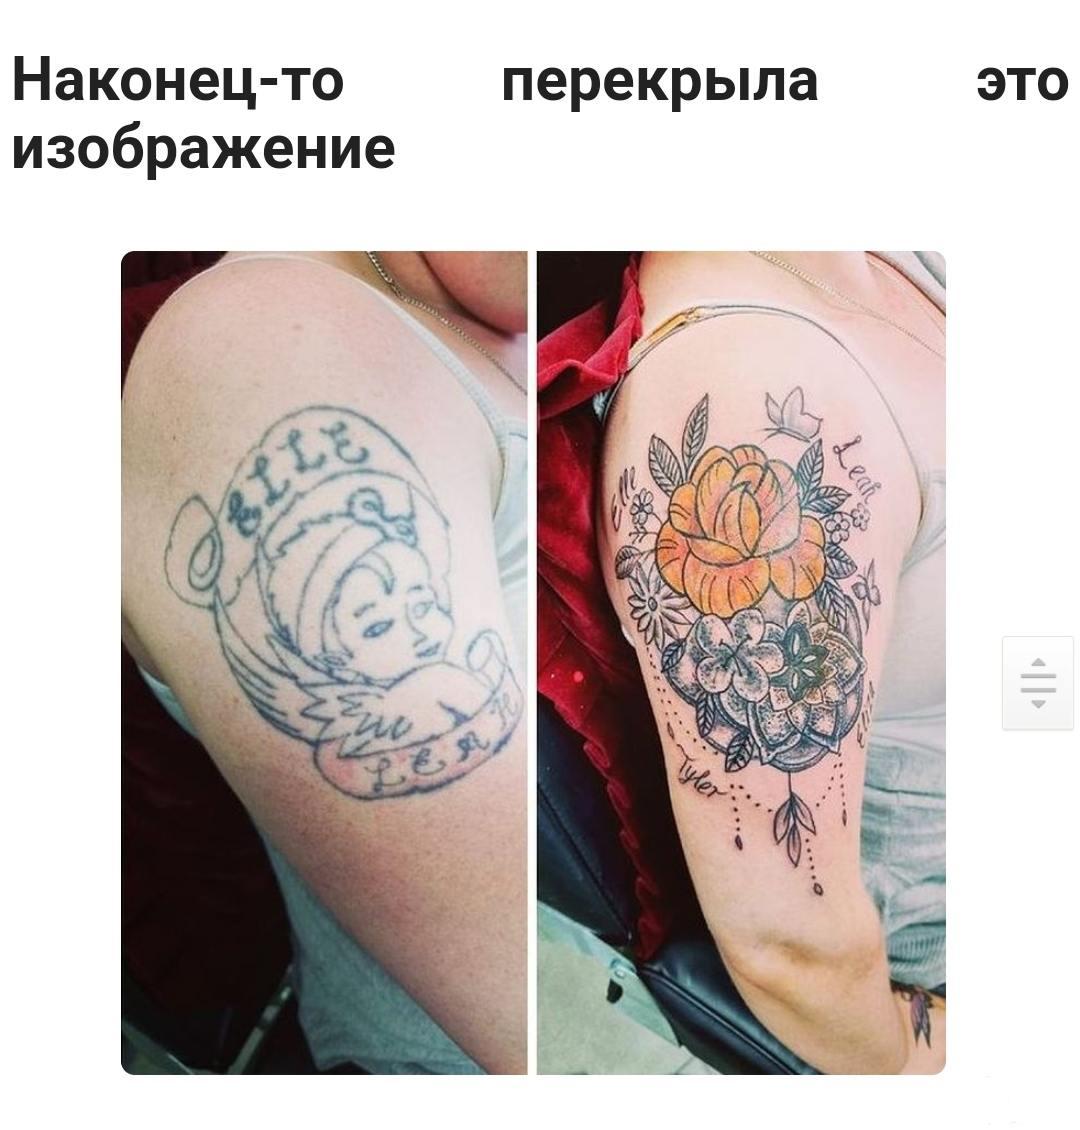 136016 - Татуировки